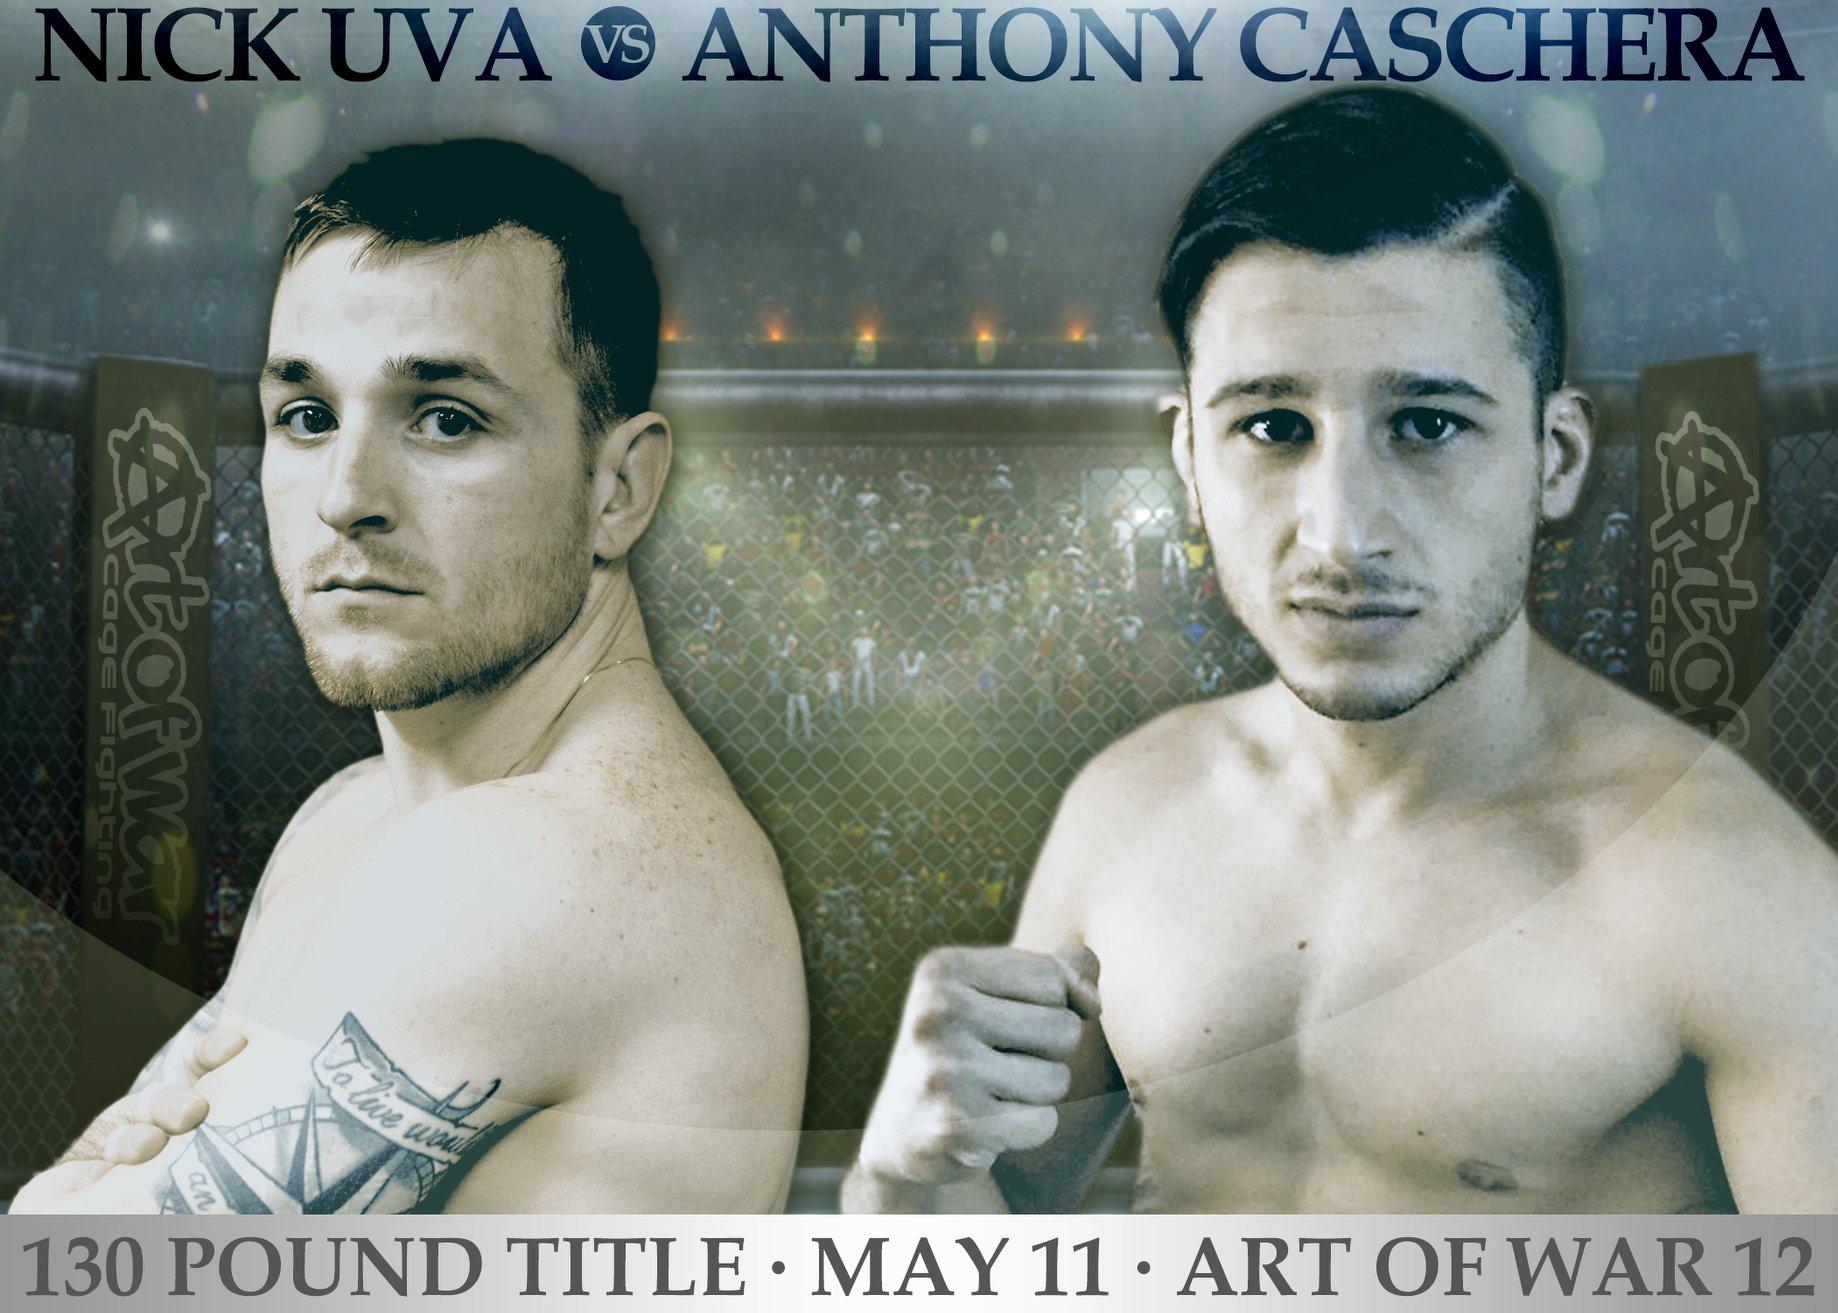 Anthony Caschera